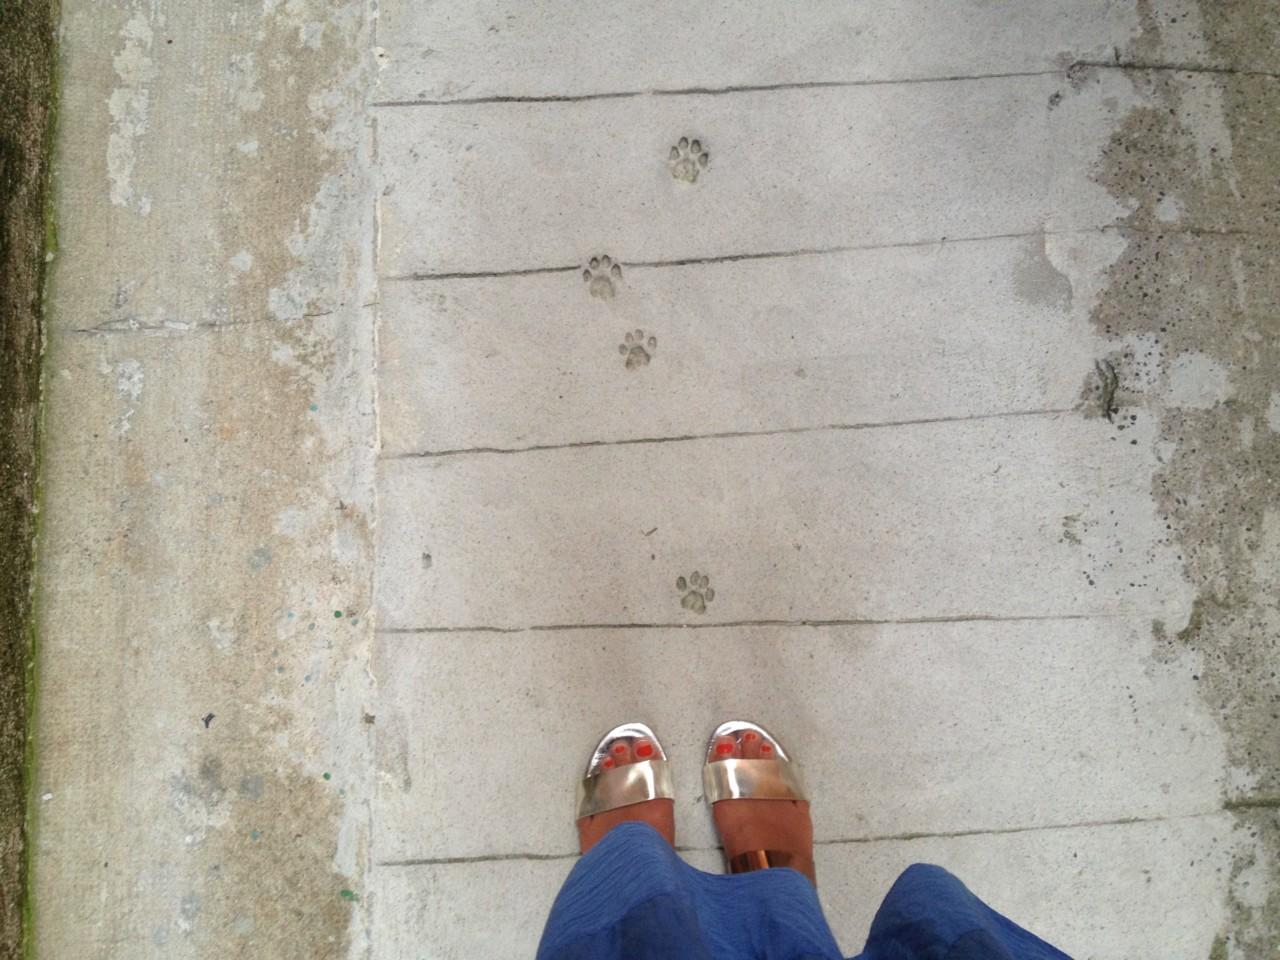 sandaler-katt-menton-gamleby-cote-azur